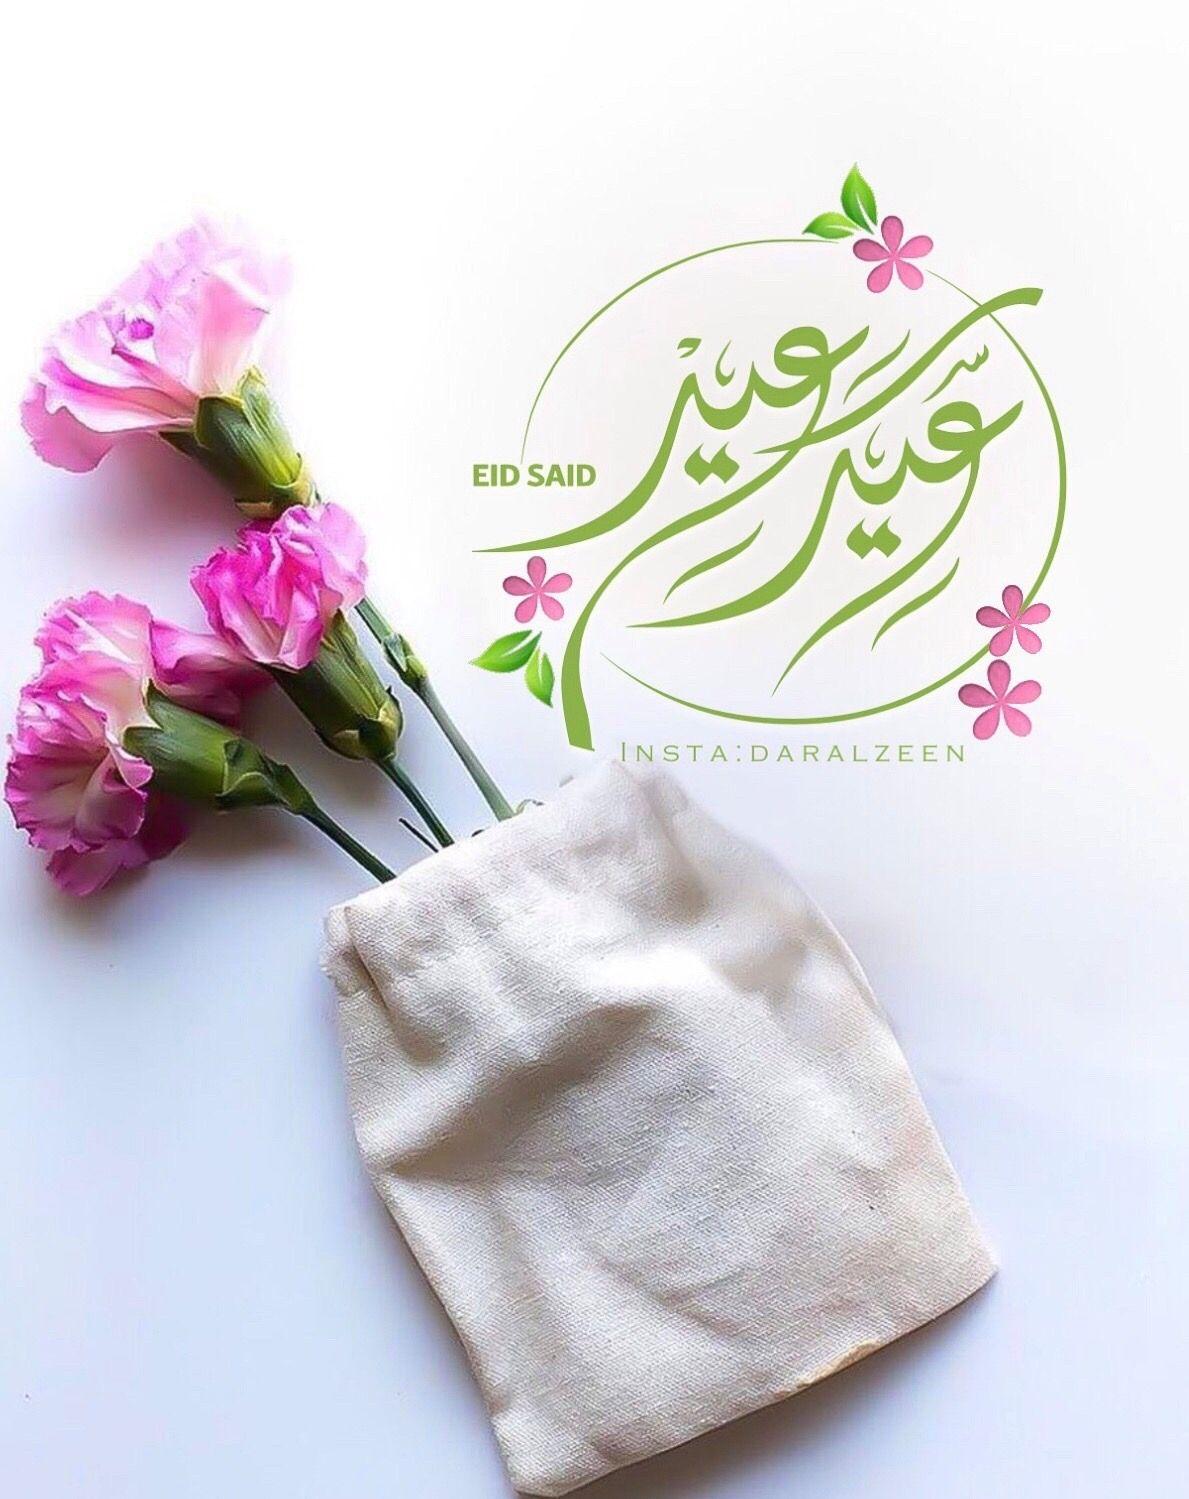 عيدكم مبارك عيد سعيد عيد عيد الفطر تهنئة عساكم من عواده تكبيرات عيديه عيد مبارك تقبل الله منا ومنكم صالح Eid Mubarak Card Eid Greetings Eid Mubarak